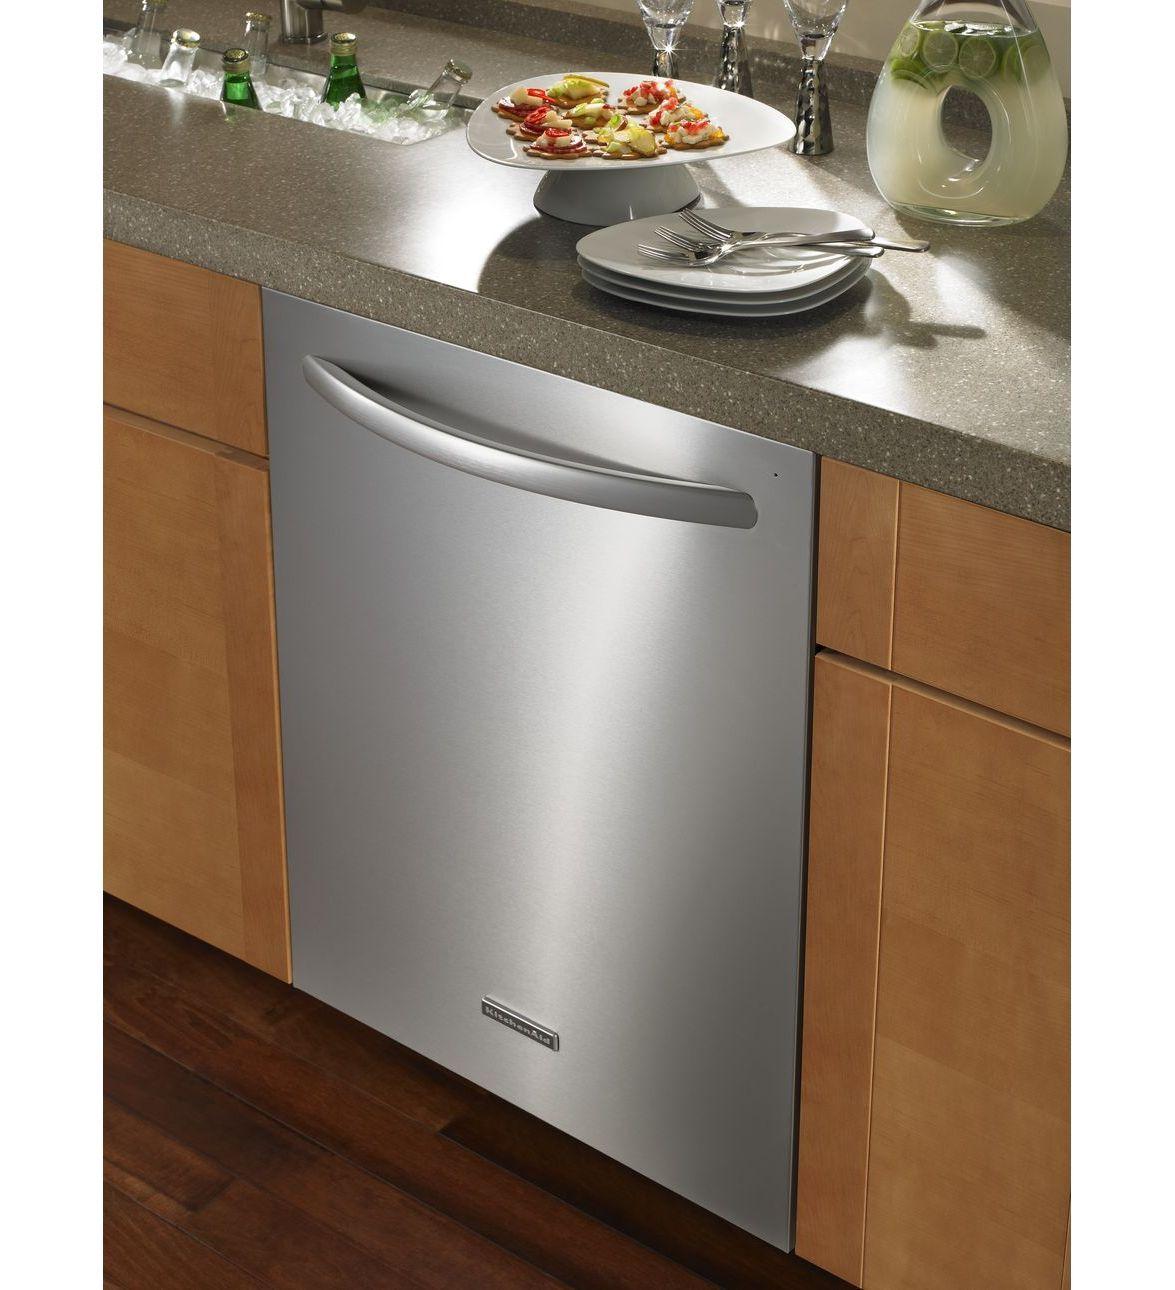 dishwasher style outdoor kitchen appliances kitchen design kitchen appliance packages on outdoor kitchen appliances id=89123